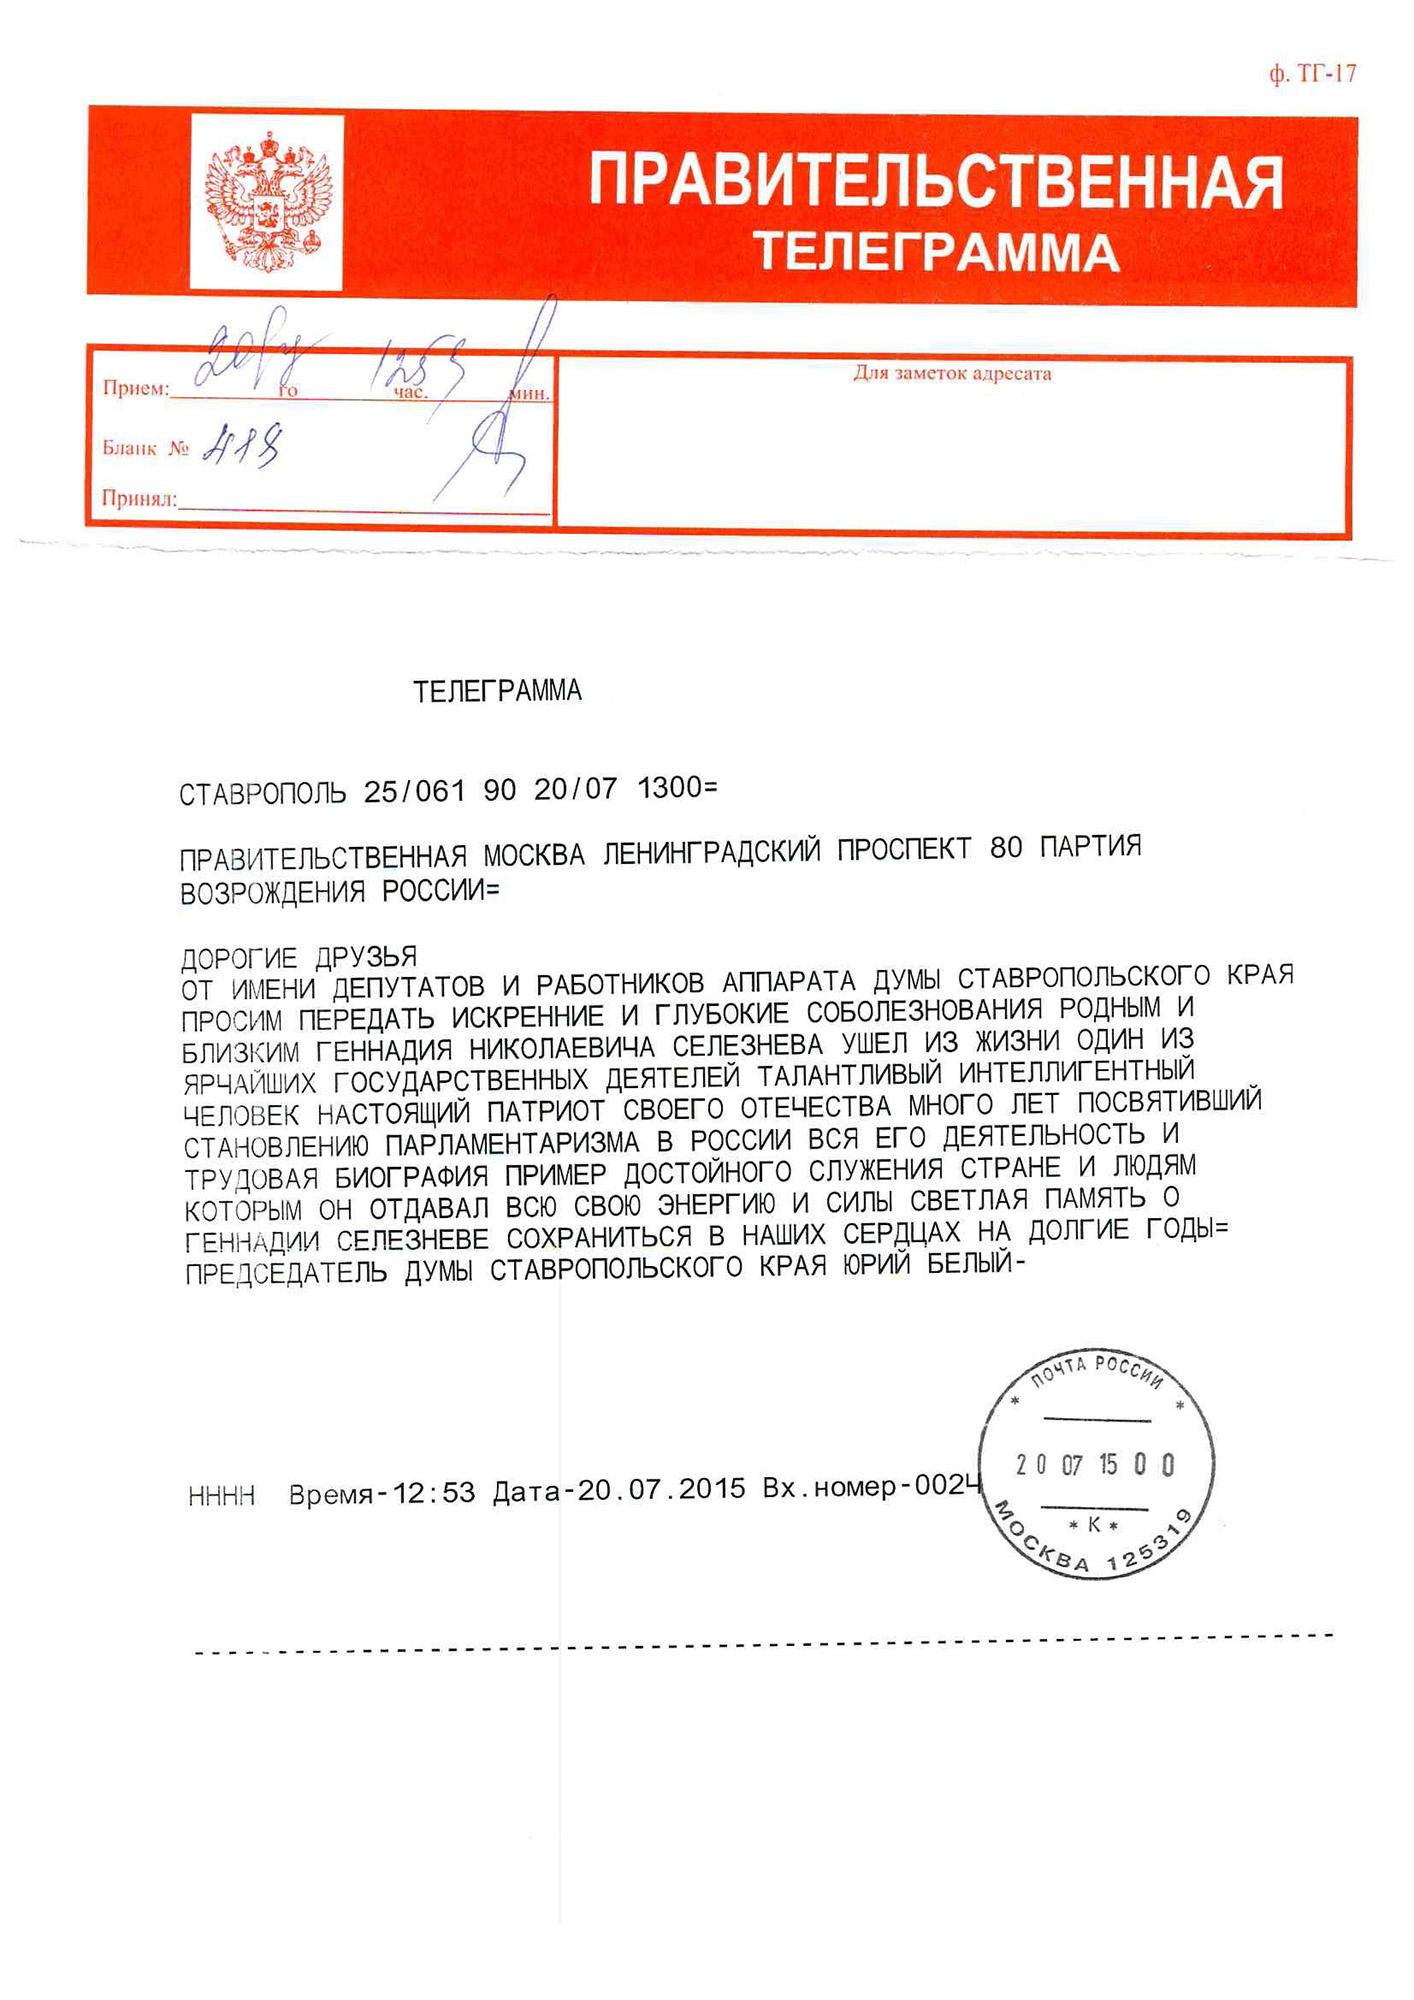 соболезновния Ставрополь